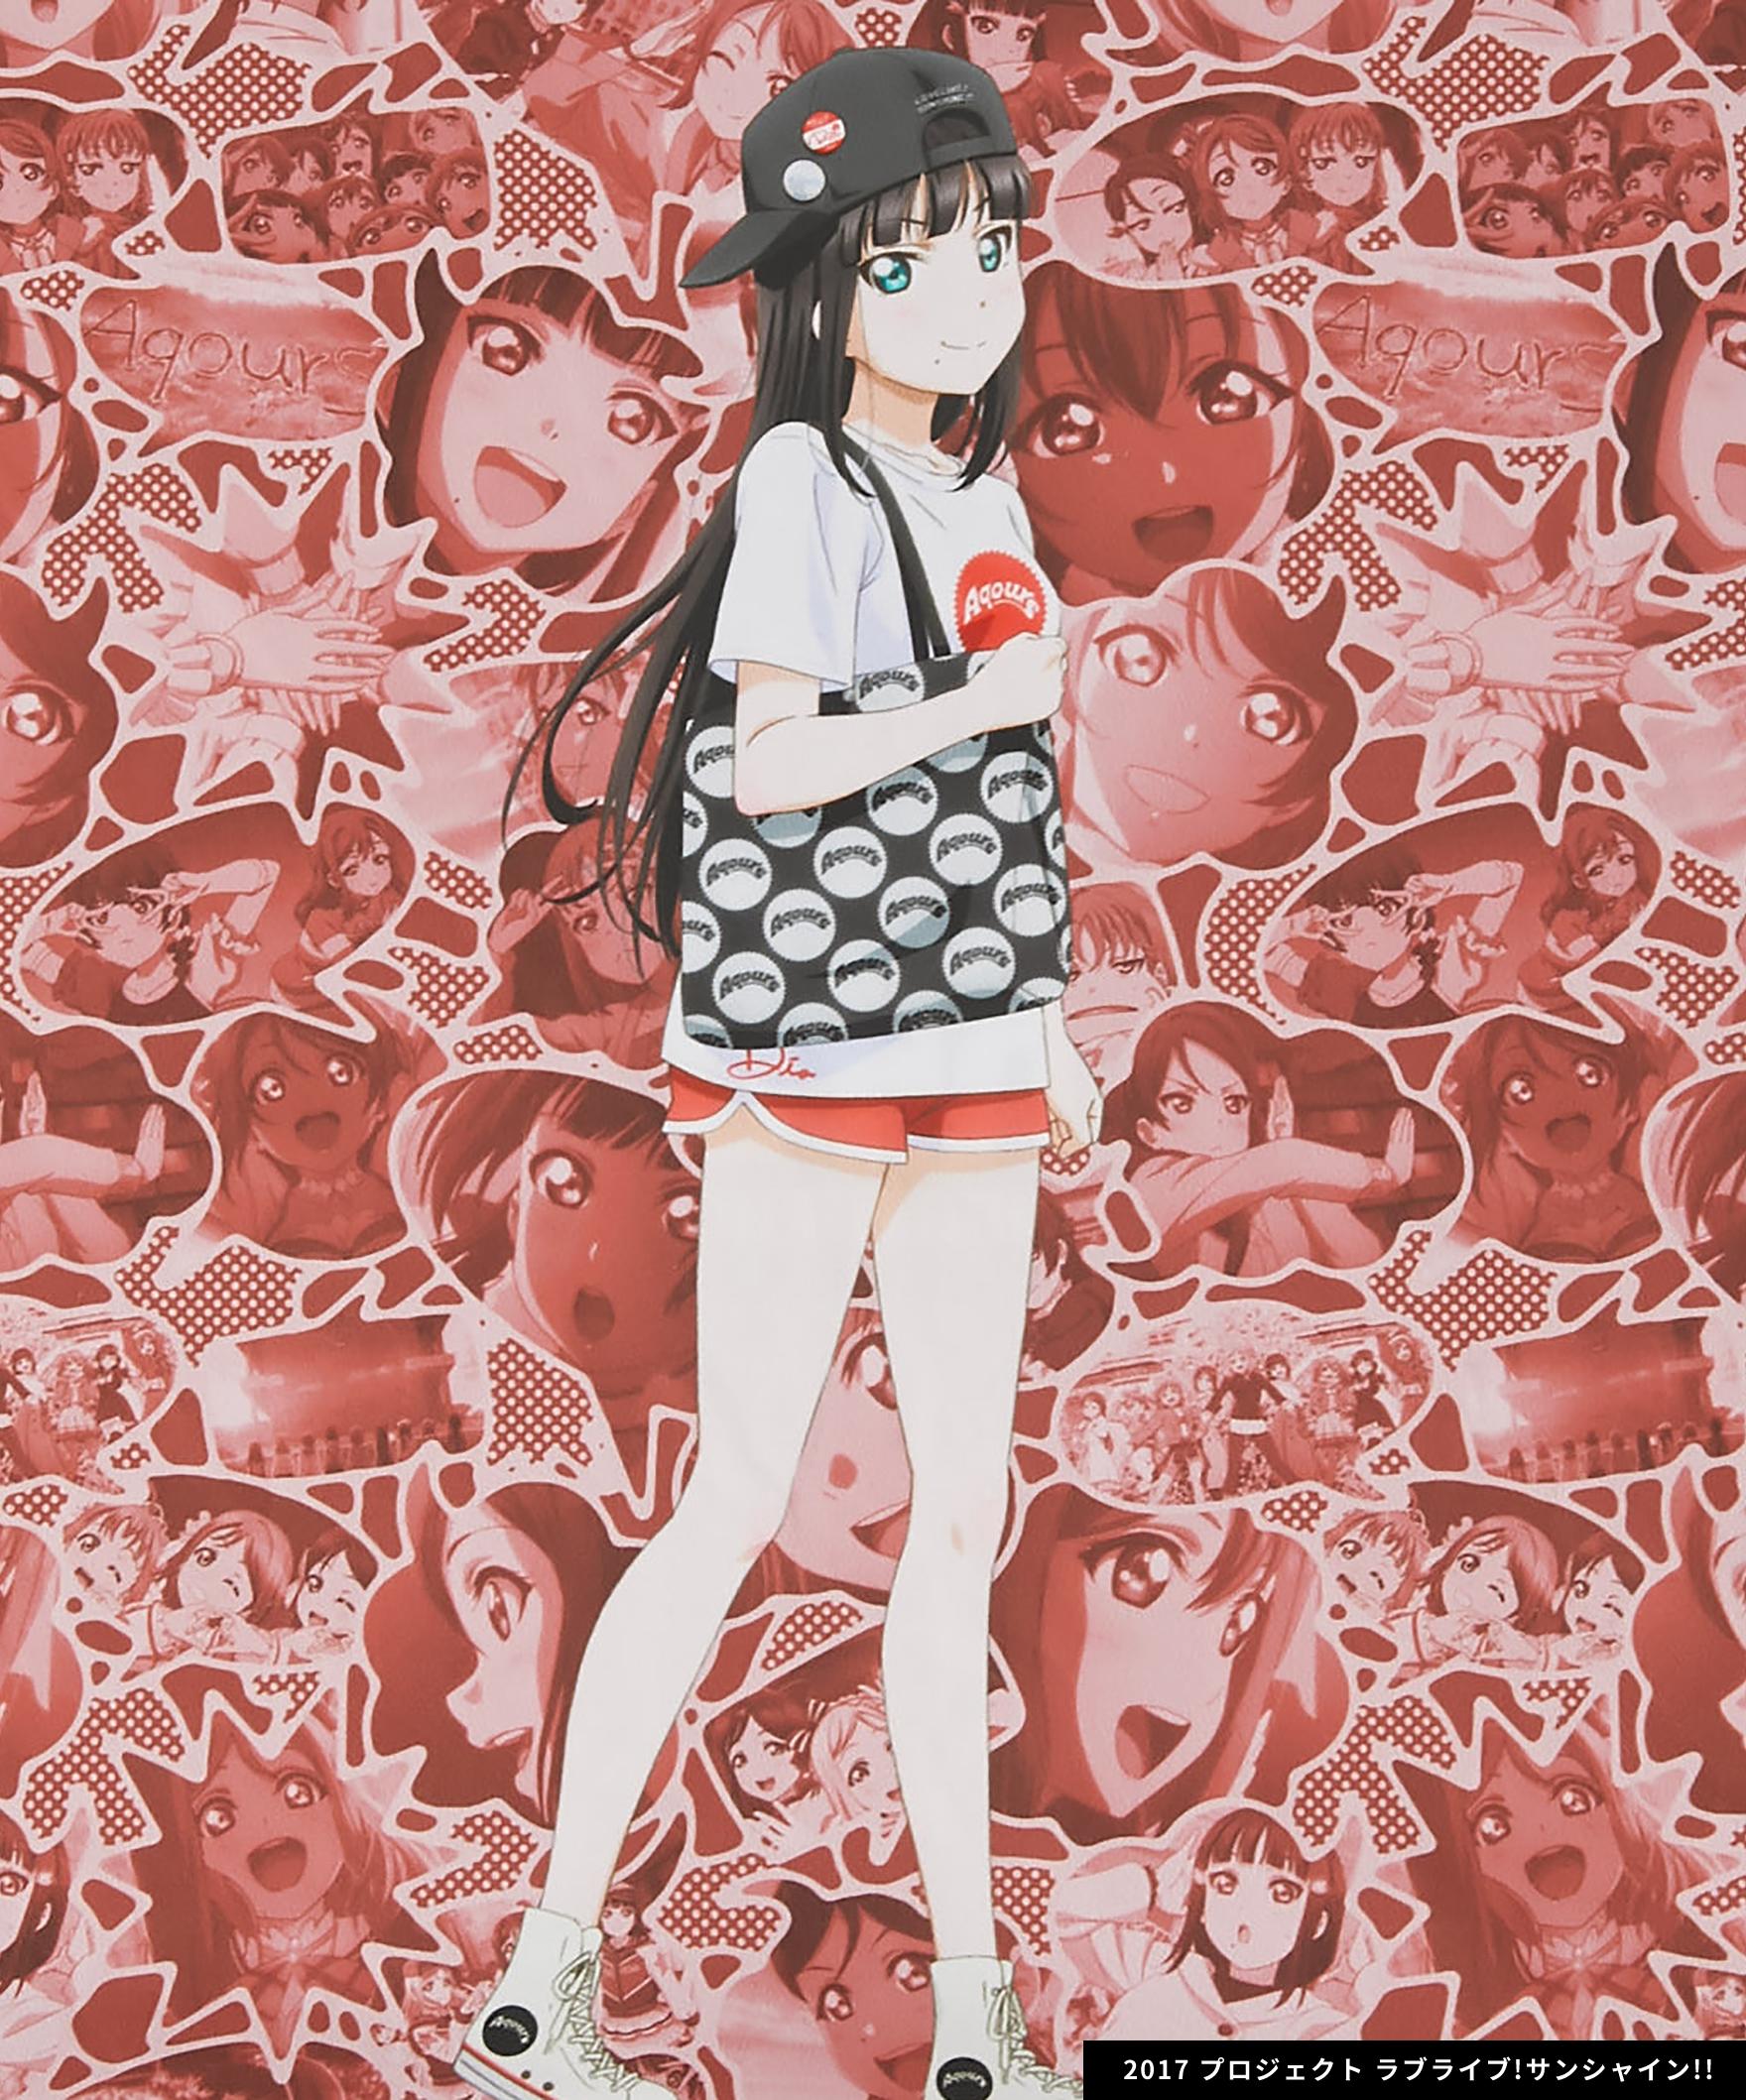 Aqours×R4G Cushion Cover(RED)